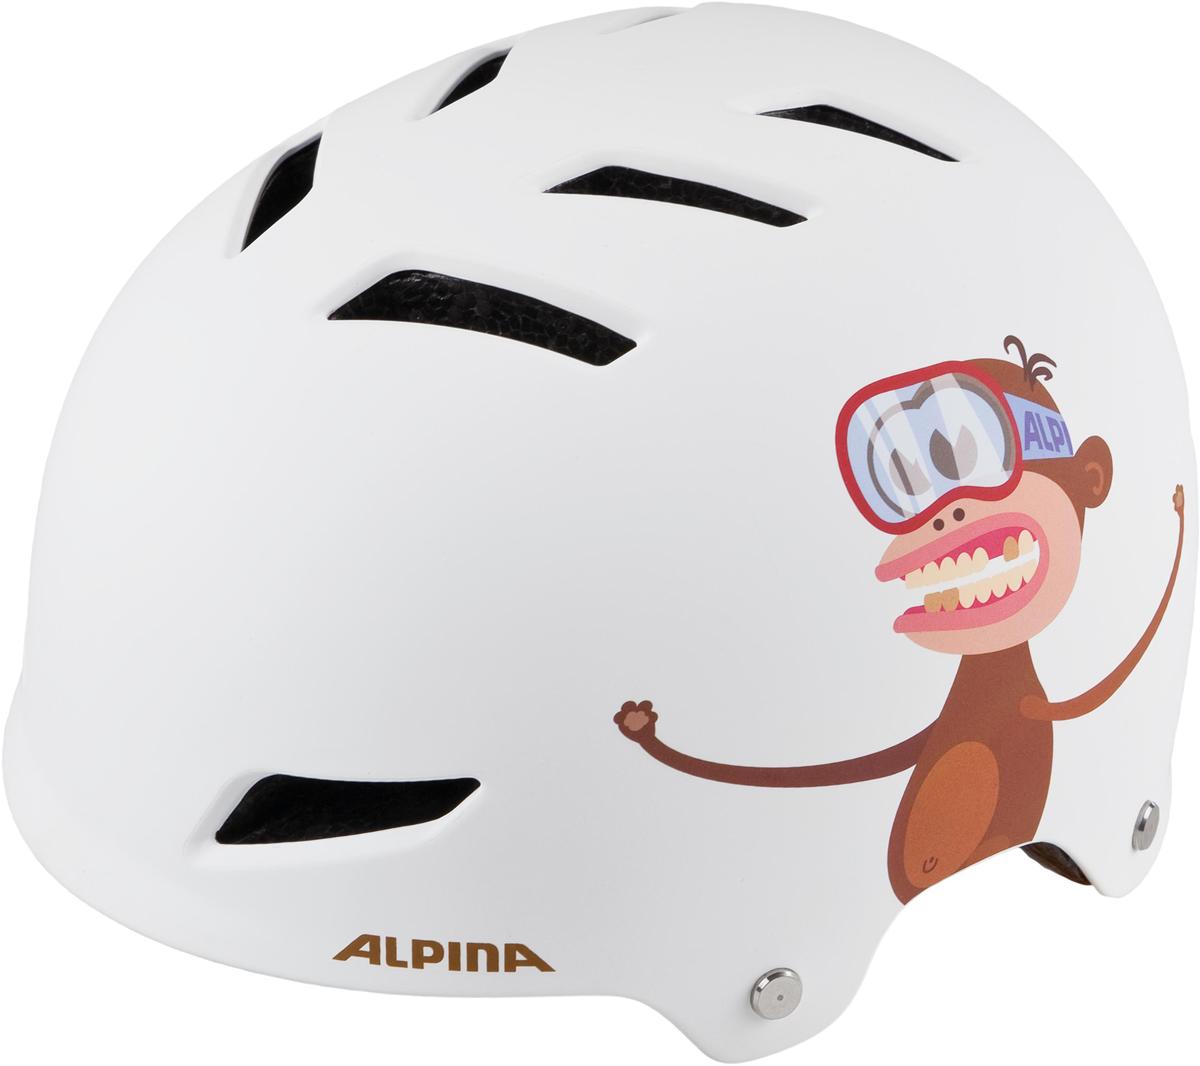 Велошлем Alpina Alpina Park jr., цвет: белый. Размер 51-55 см